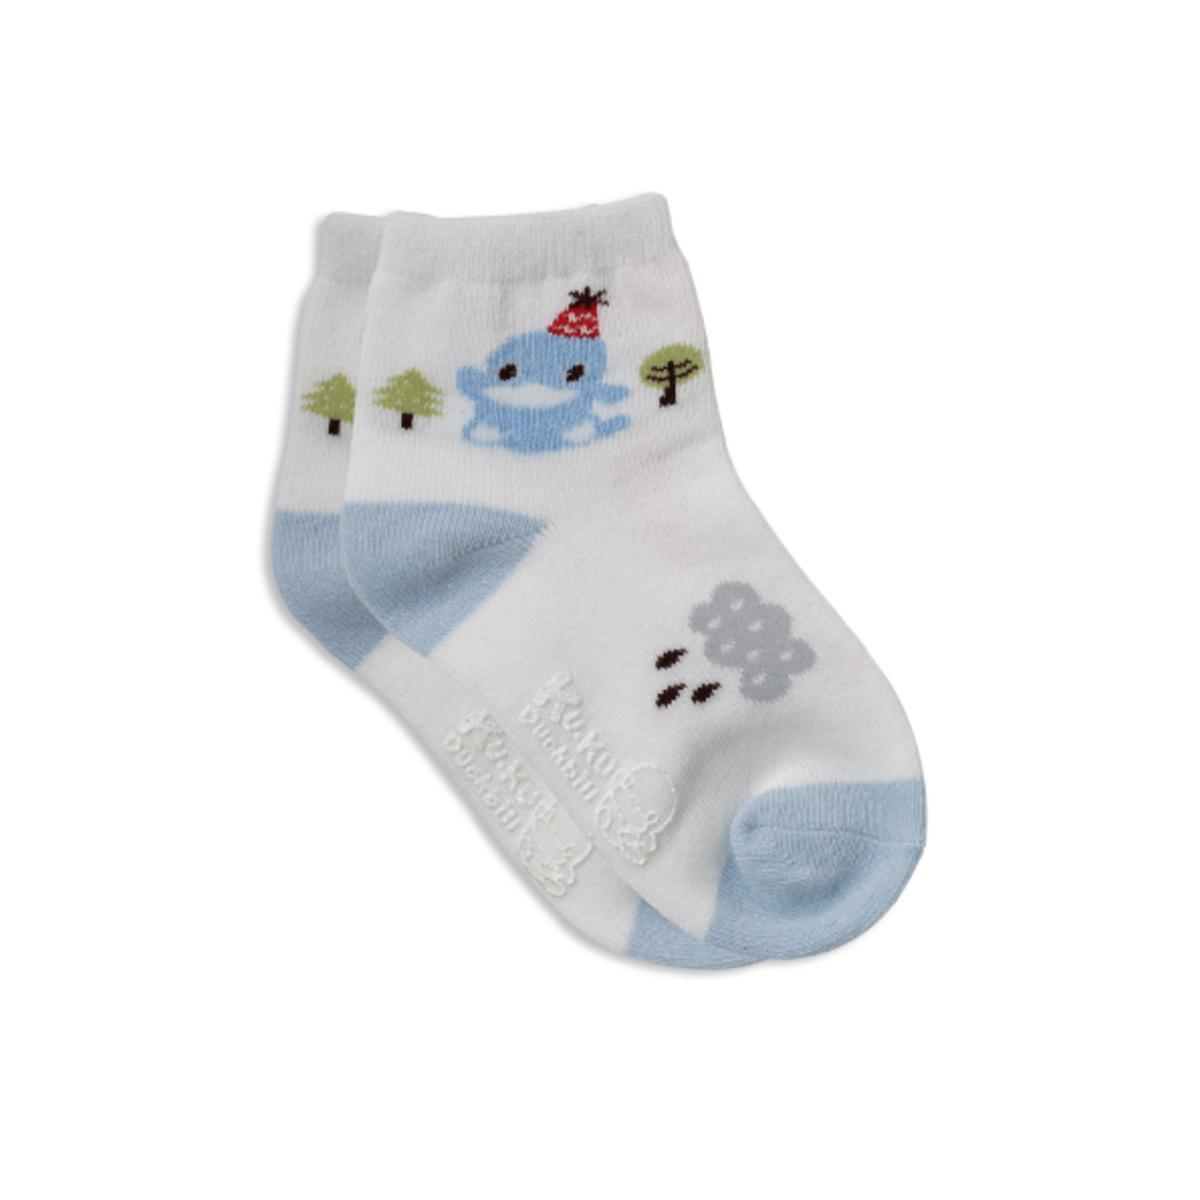 森林兒童襪 - 藍色 (size: S)